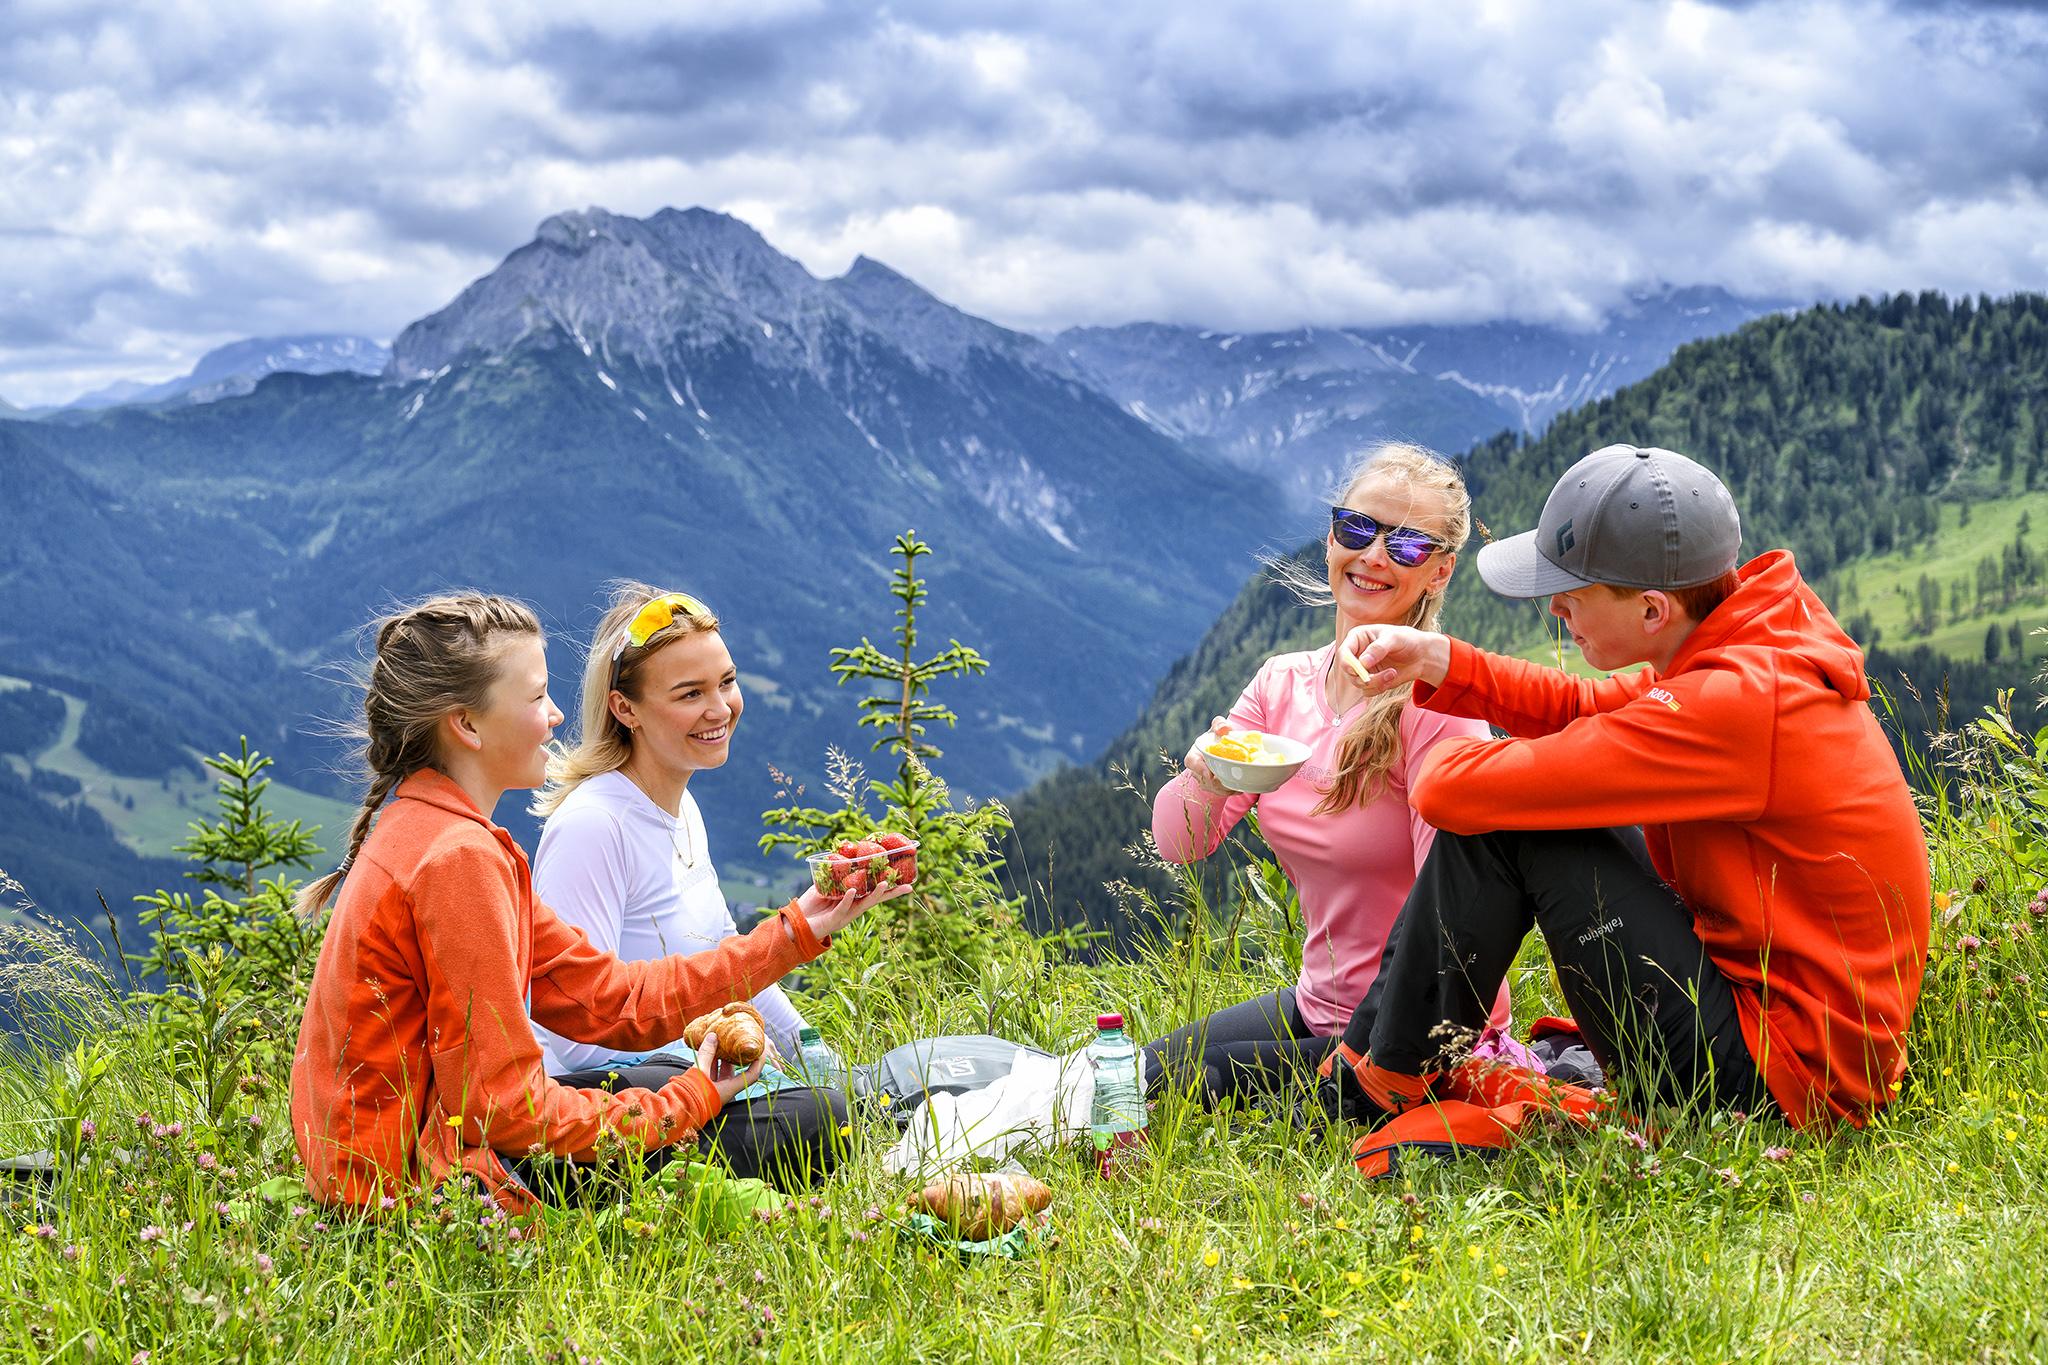 Højmark Rejser, en del af Danmarks næststørste skirejsekoncern, Skigroup, håber denne sommer at sende 200 gæster på kørselv-ferie til Østrig, på et normalt år er tallet omkring 1.000. Pressefoto Højmark Rejser.